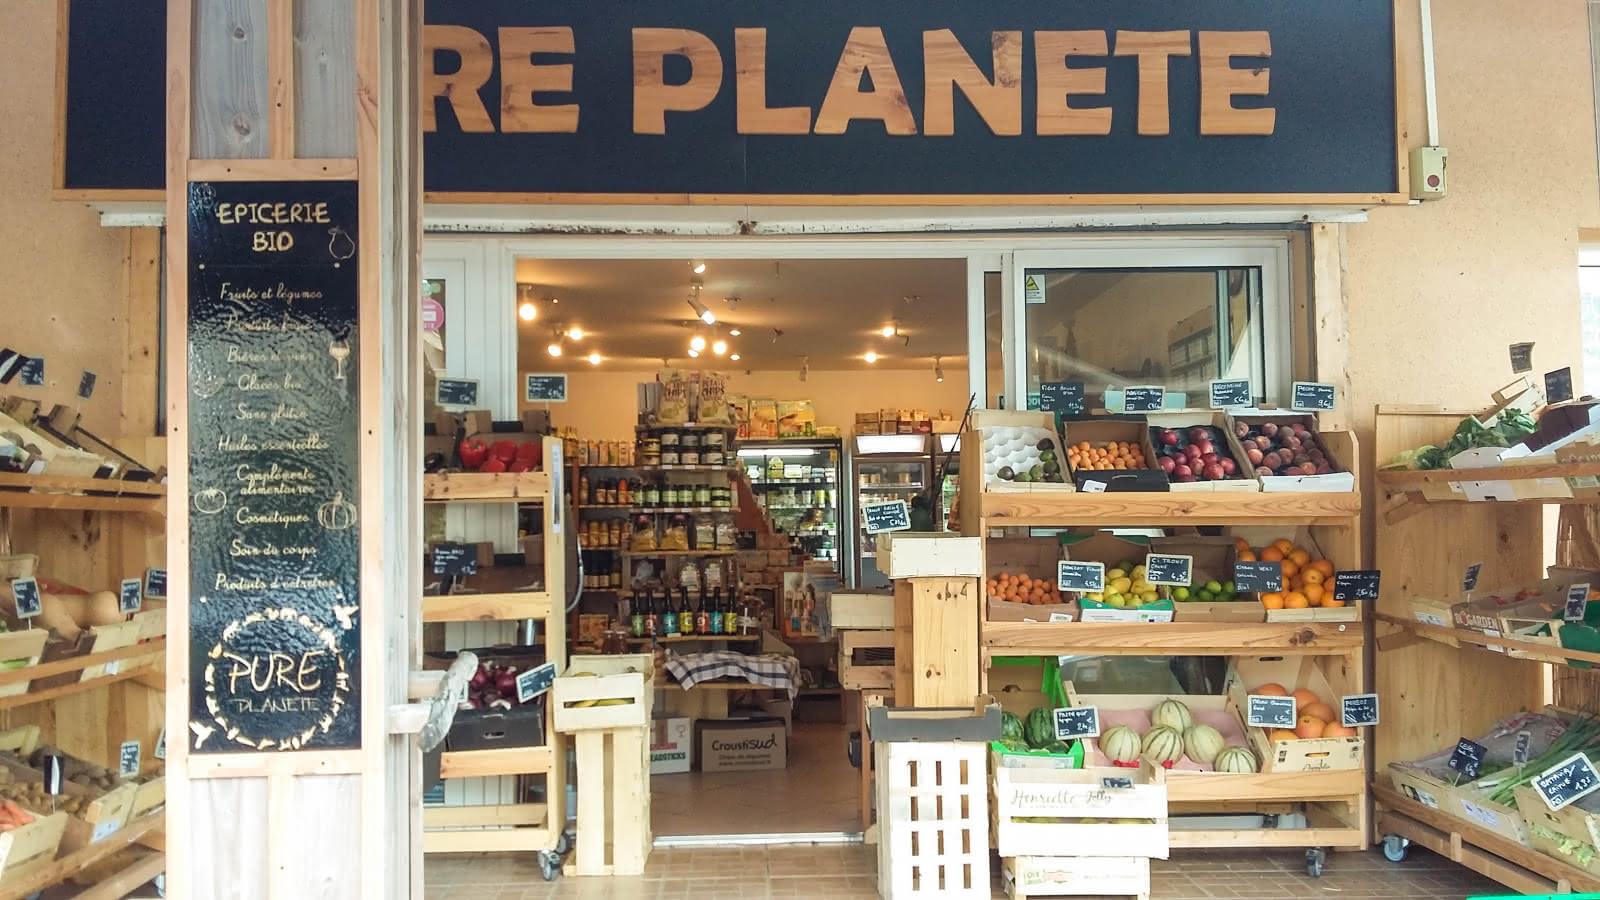 Pure-Planete